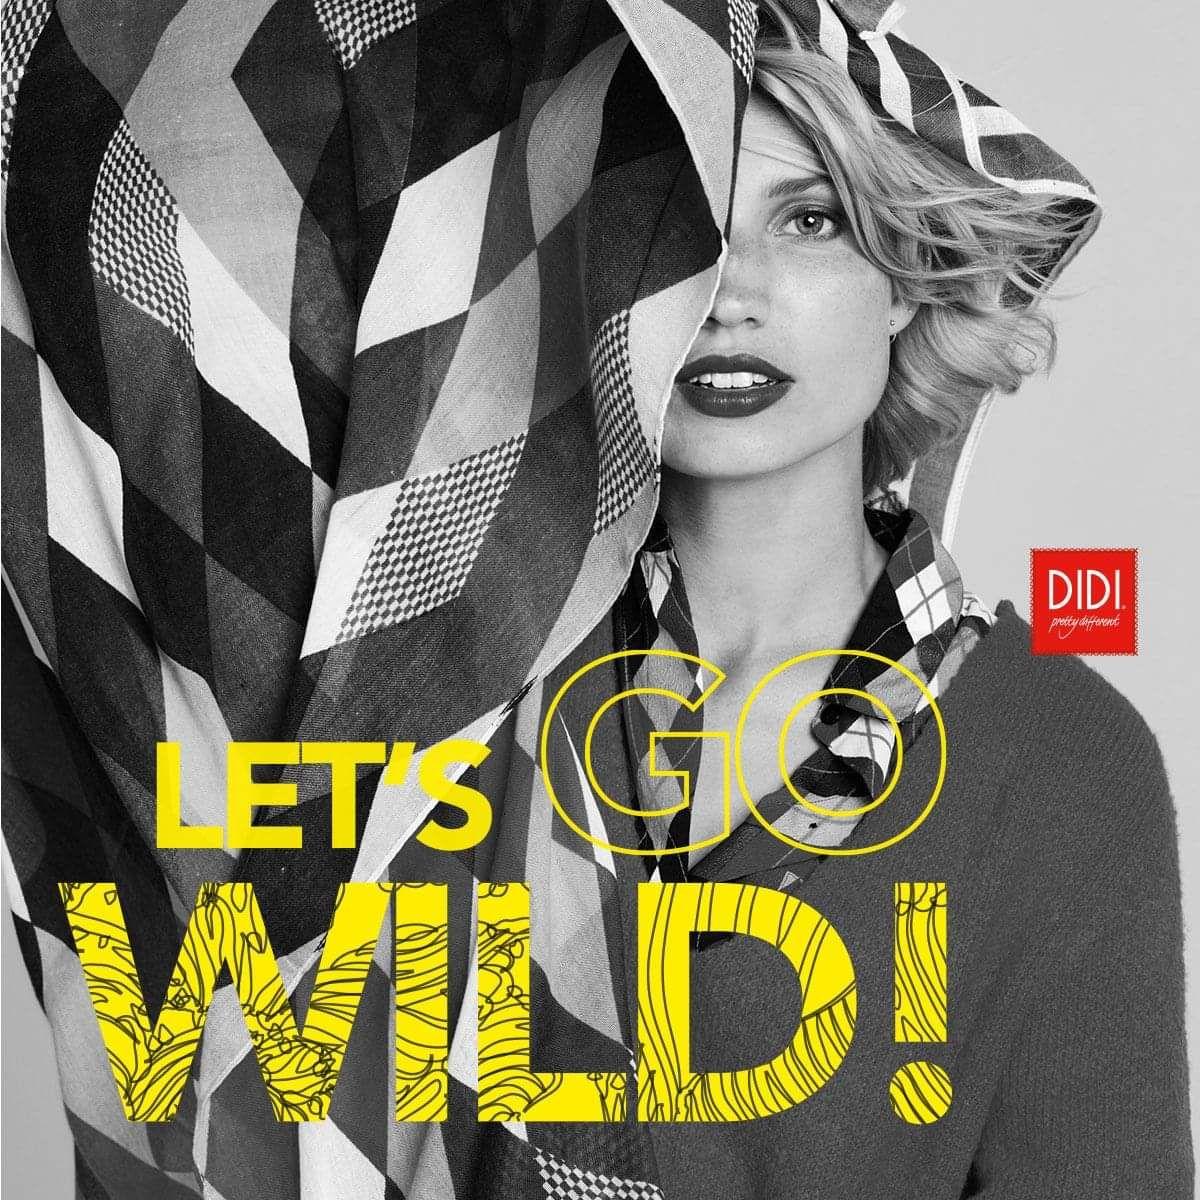 Let's go Wild bij Didi 40% korting op herfst/winter- en 20% korting op kerstcollectie